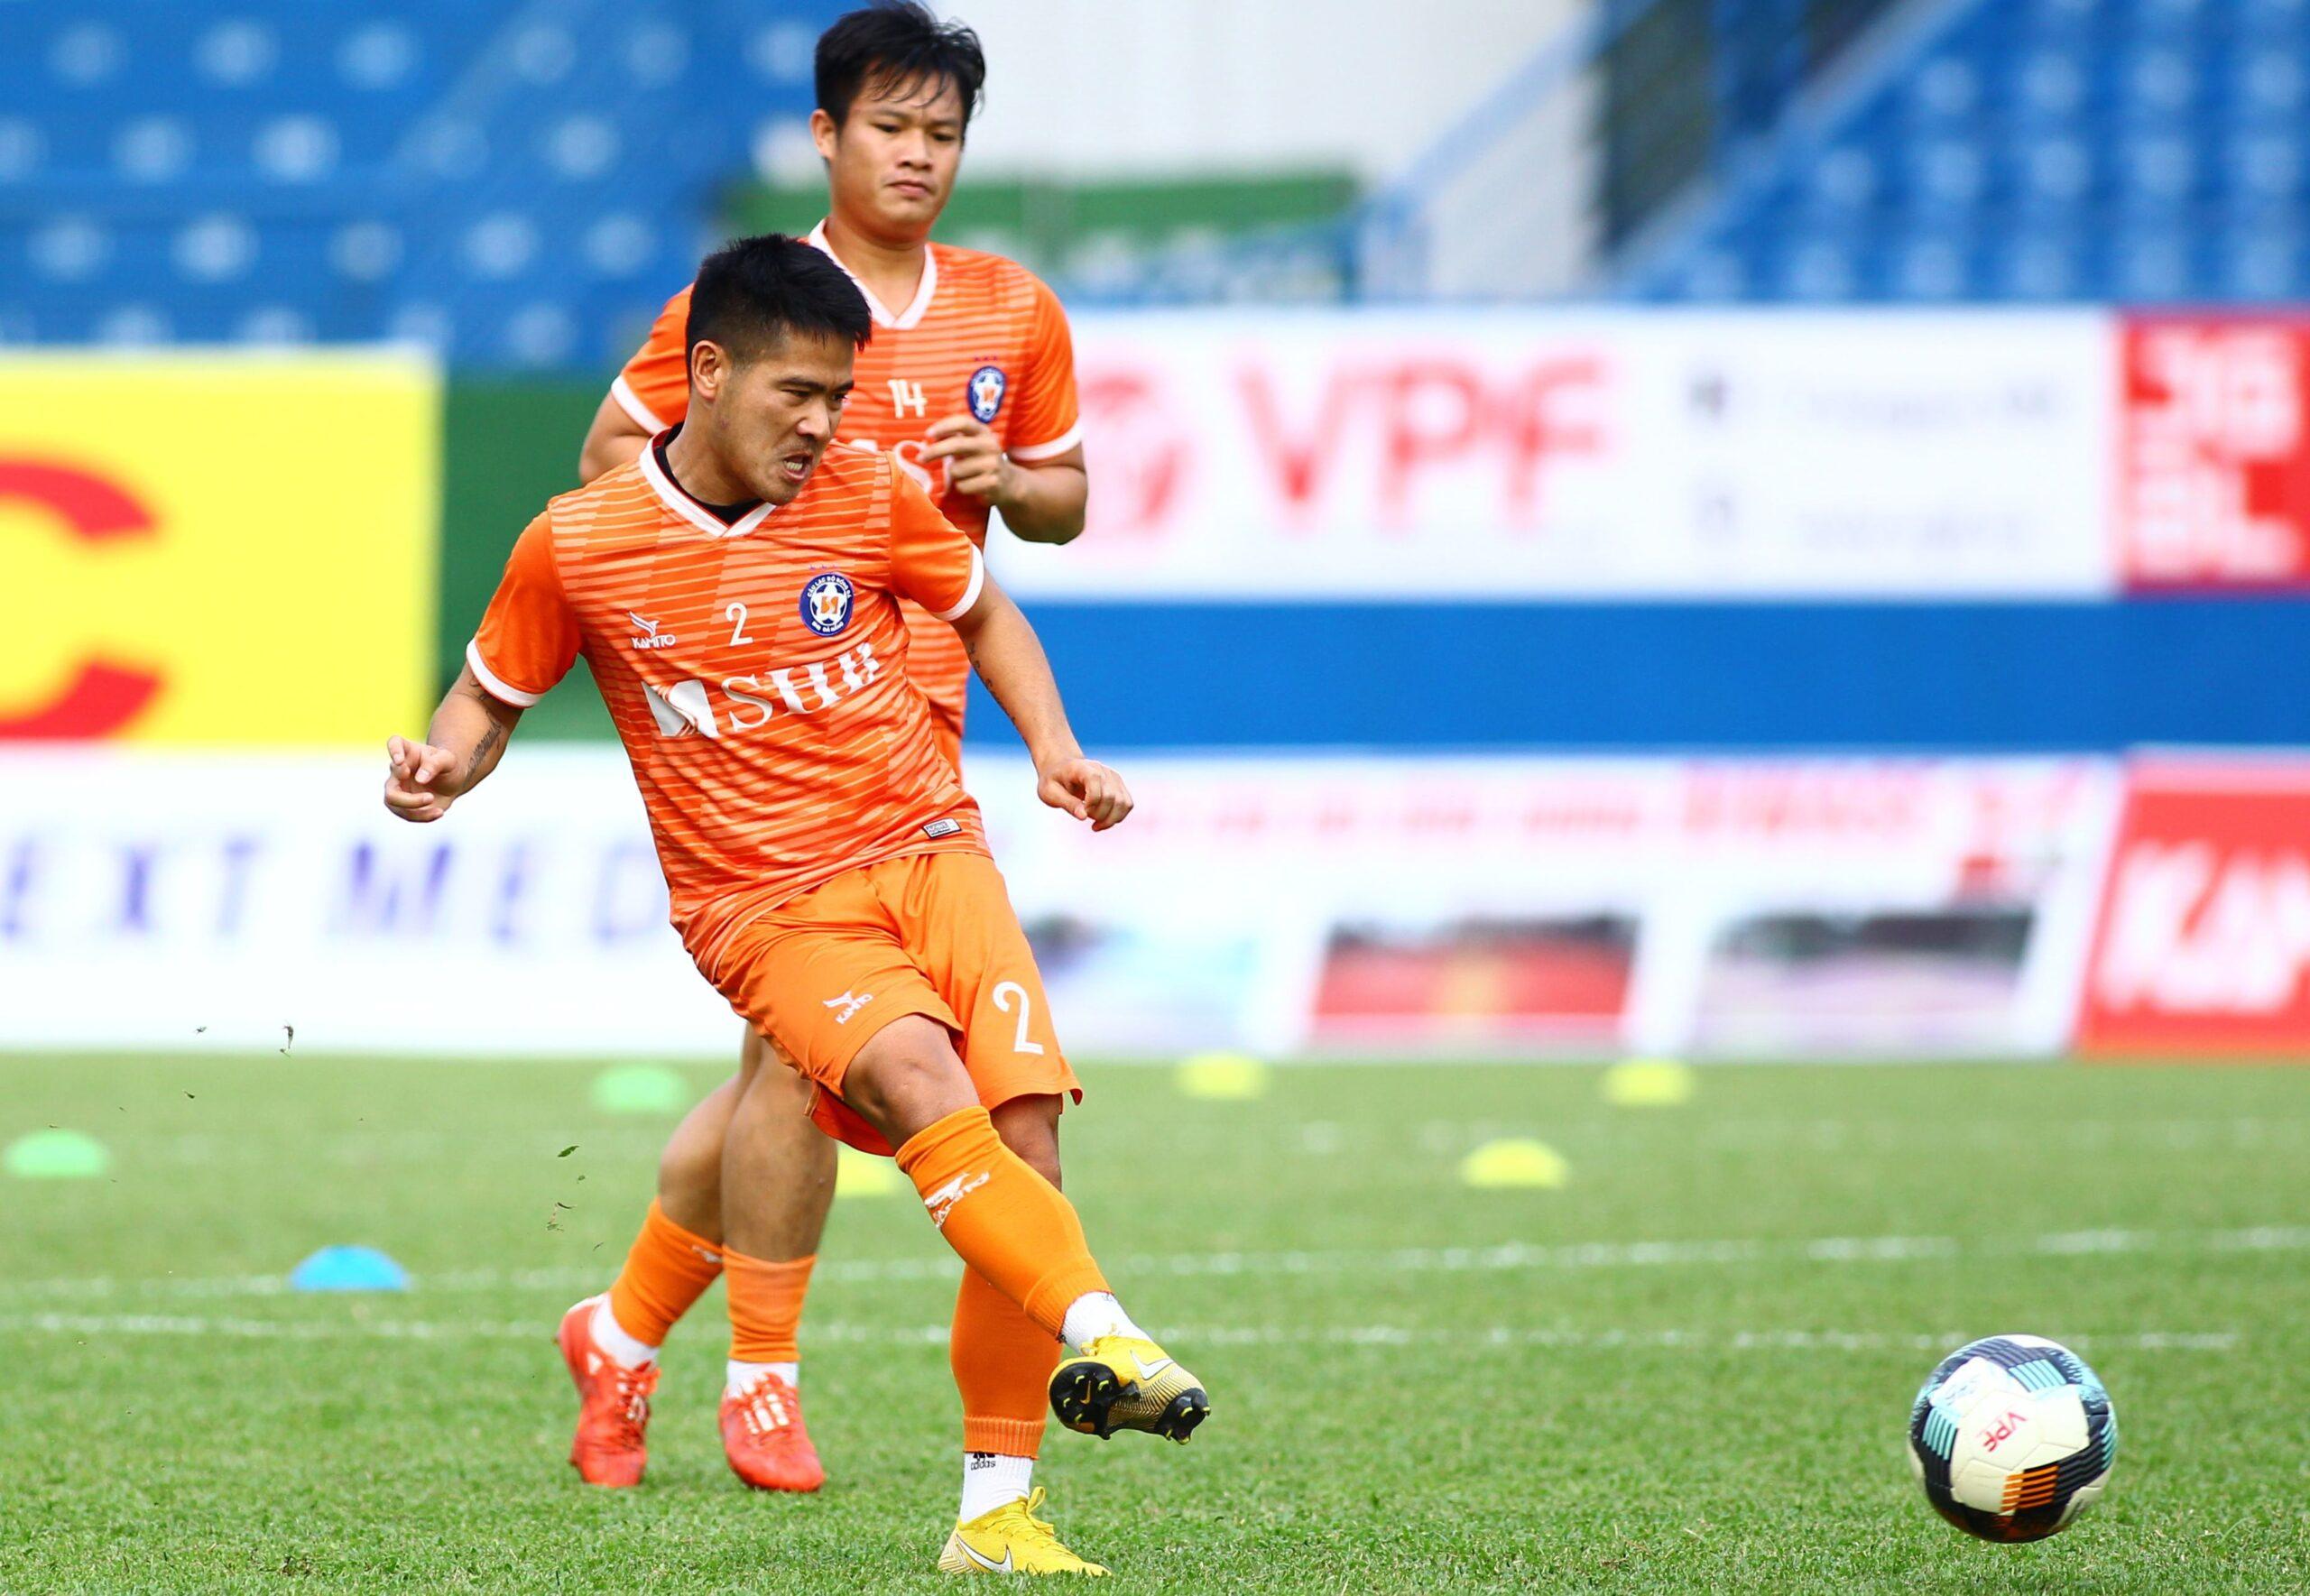 Âu Văn Hoàn đã bất ngờ trở lại với bóng đá đỉnh cao khi quyết định về đầu quân cho CLB Hải Phòng